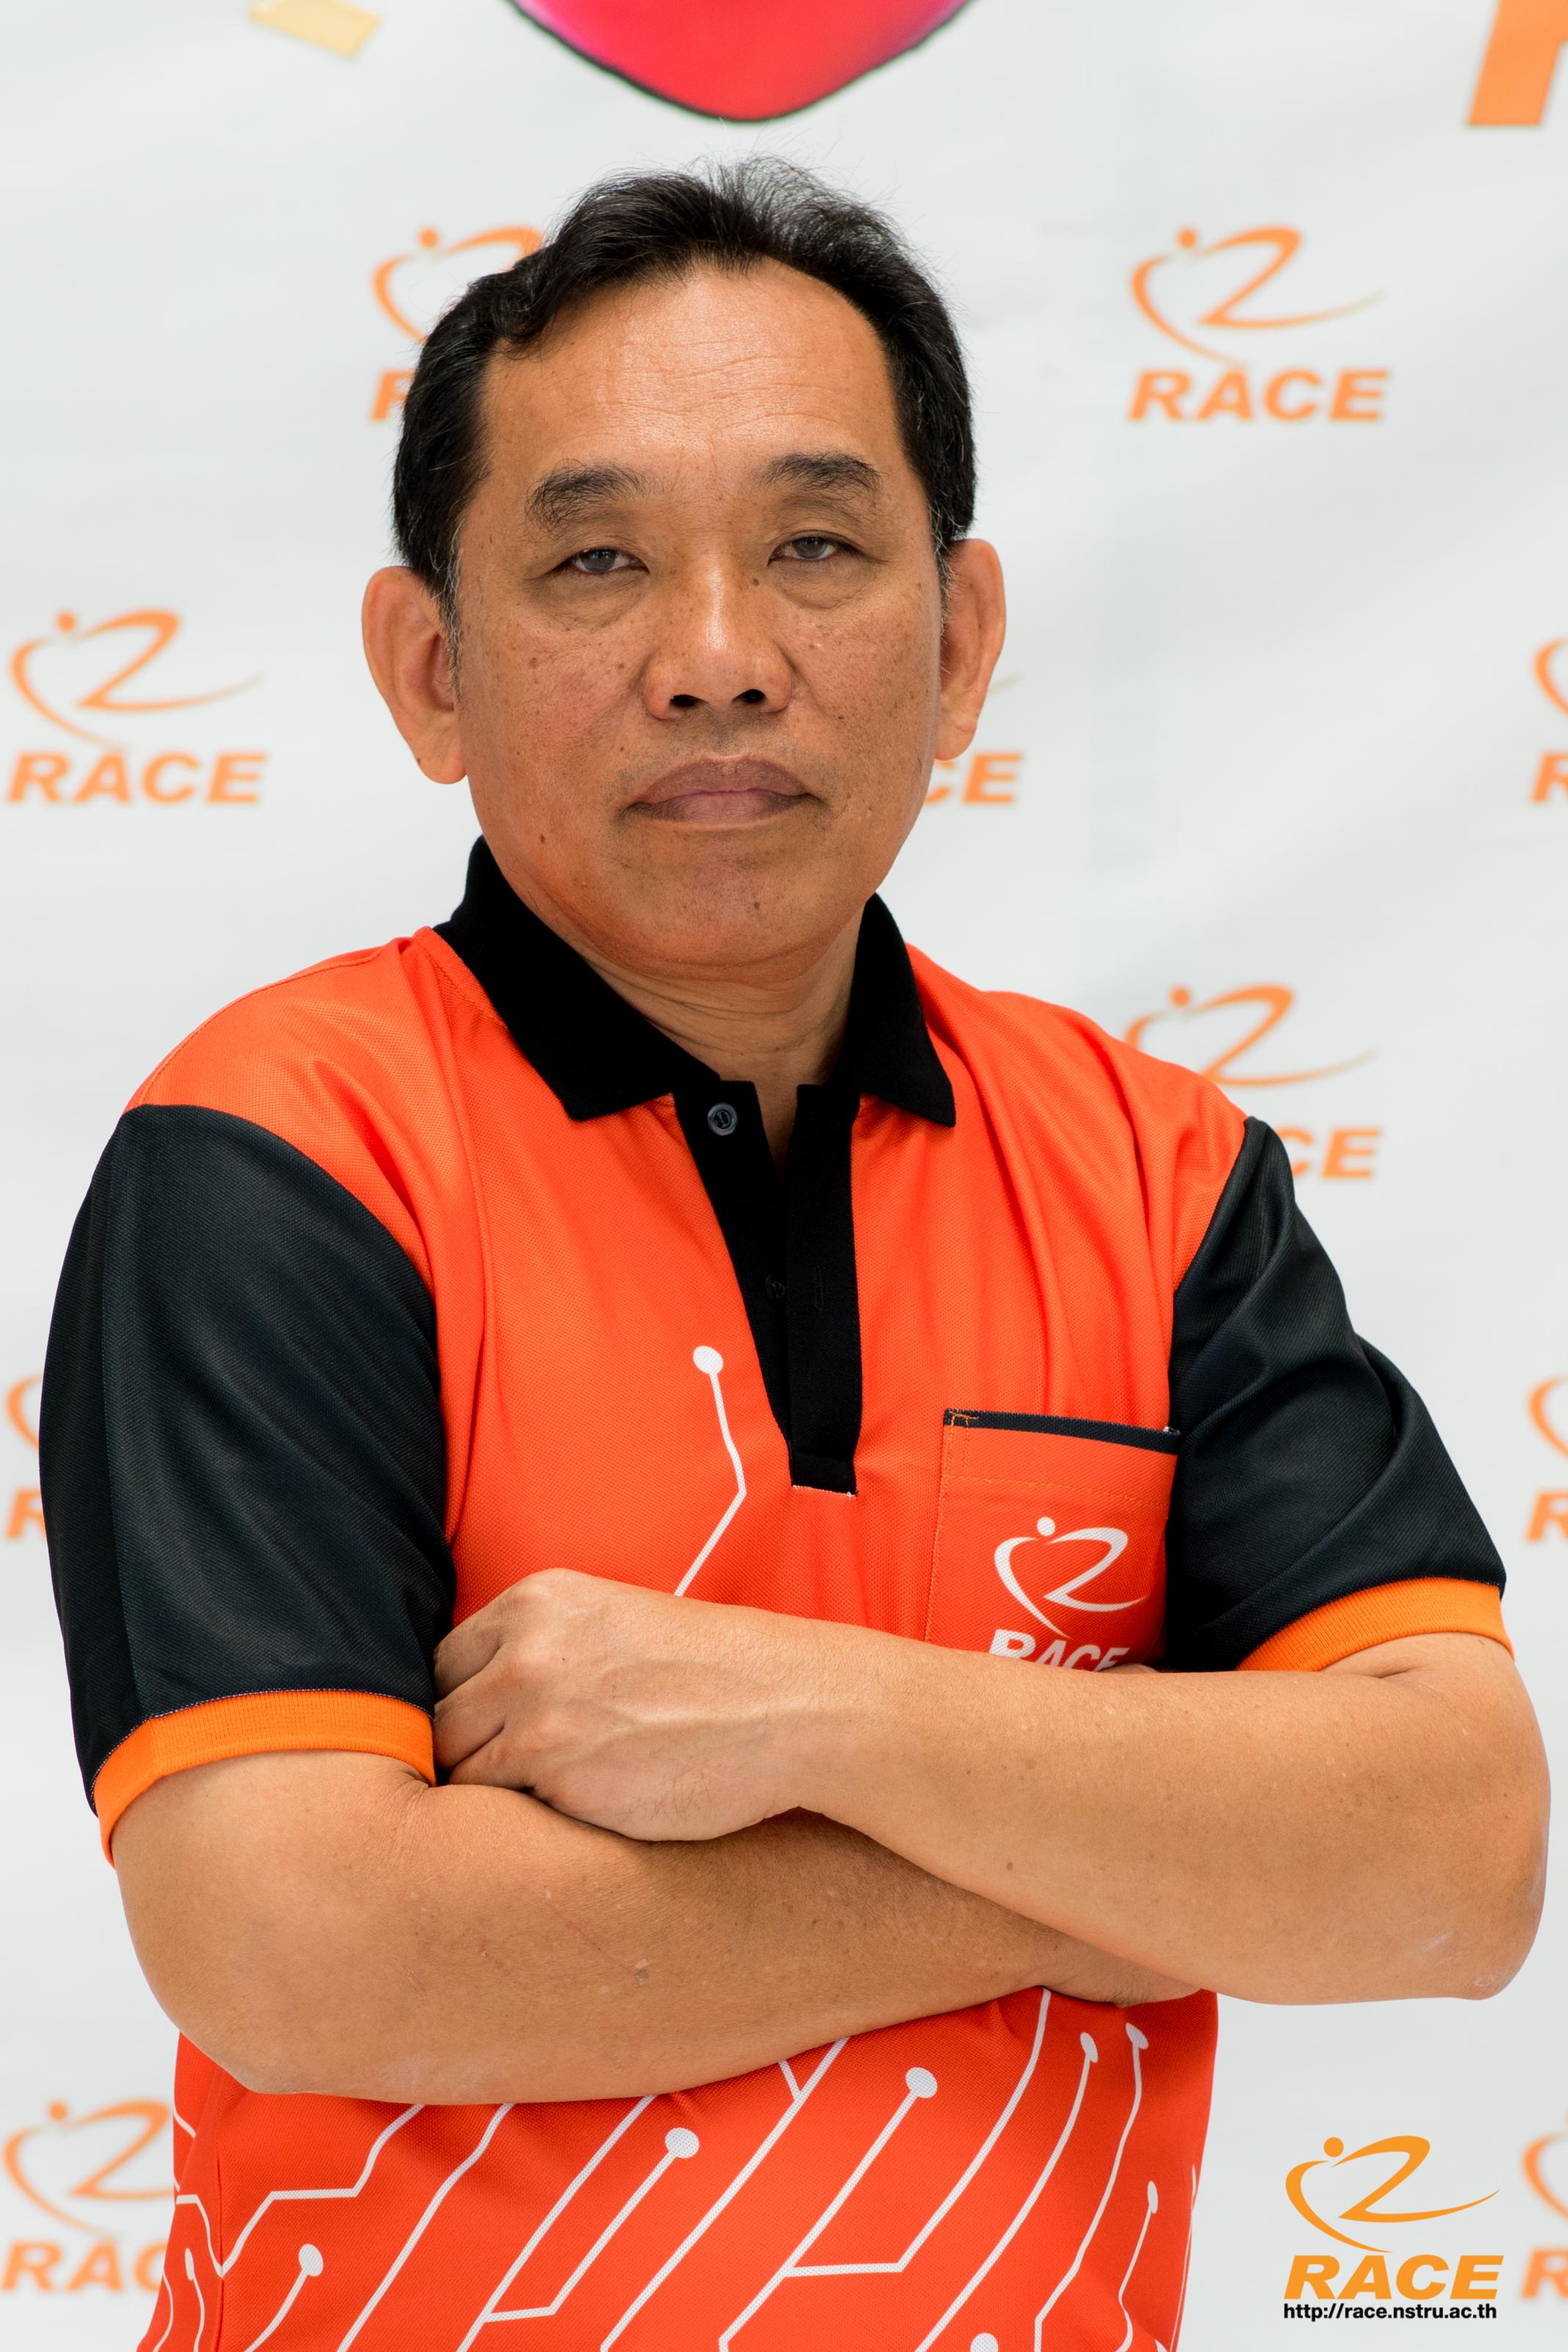 นายอุทัย คูหาพงศ์ (Mr. Uthai Kuhapong)